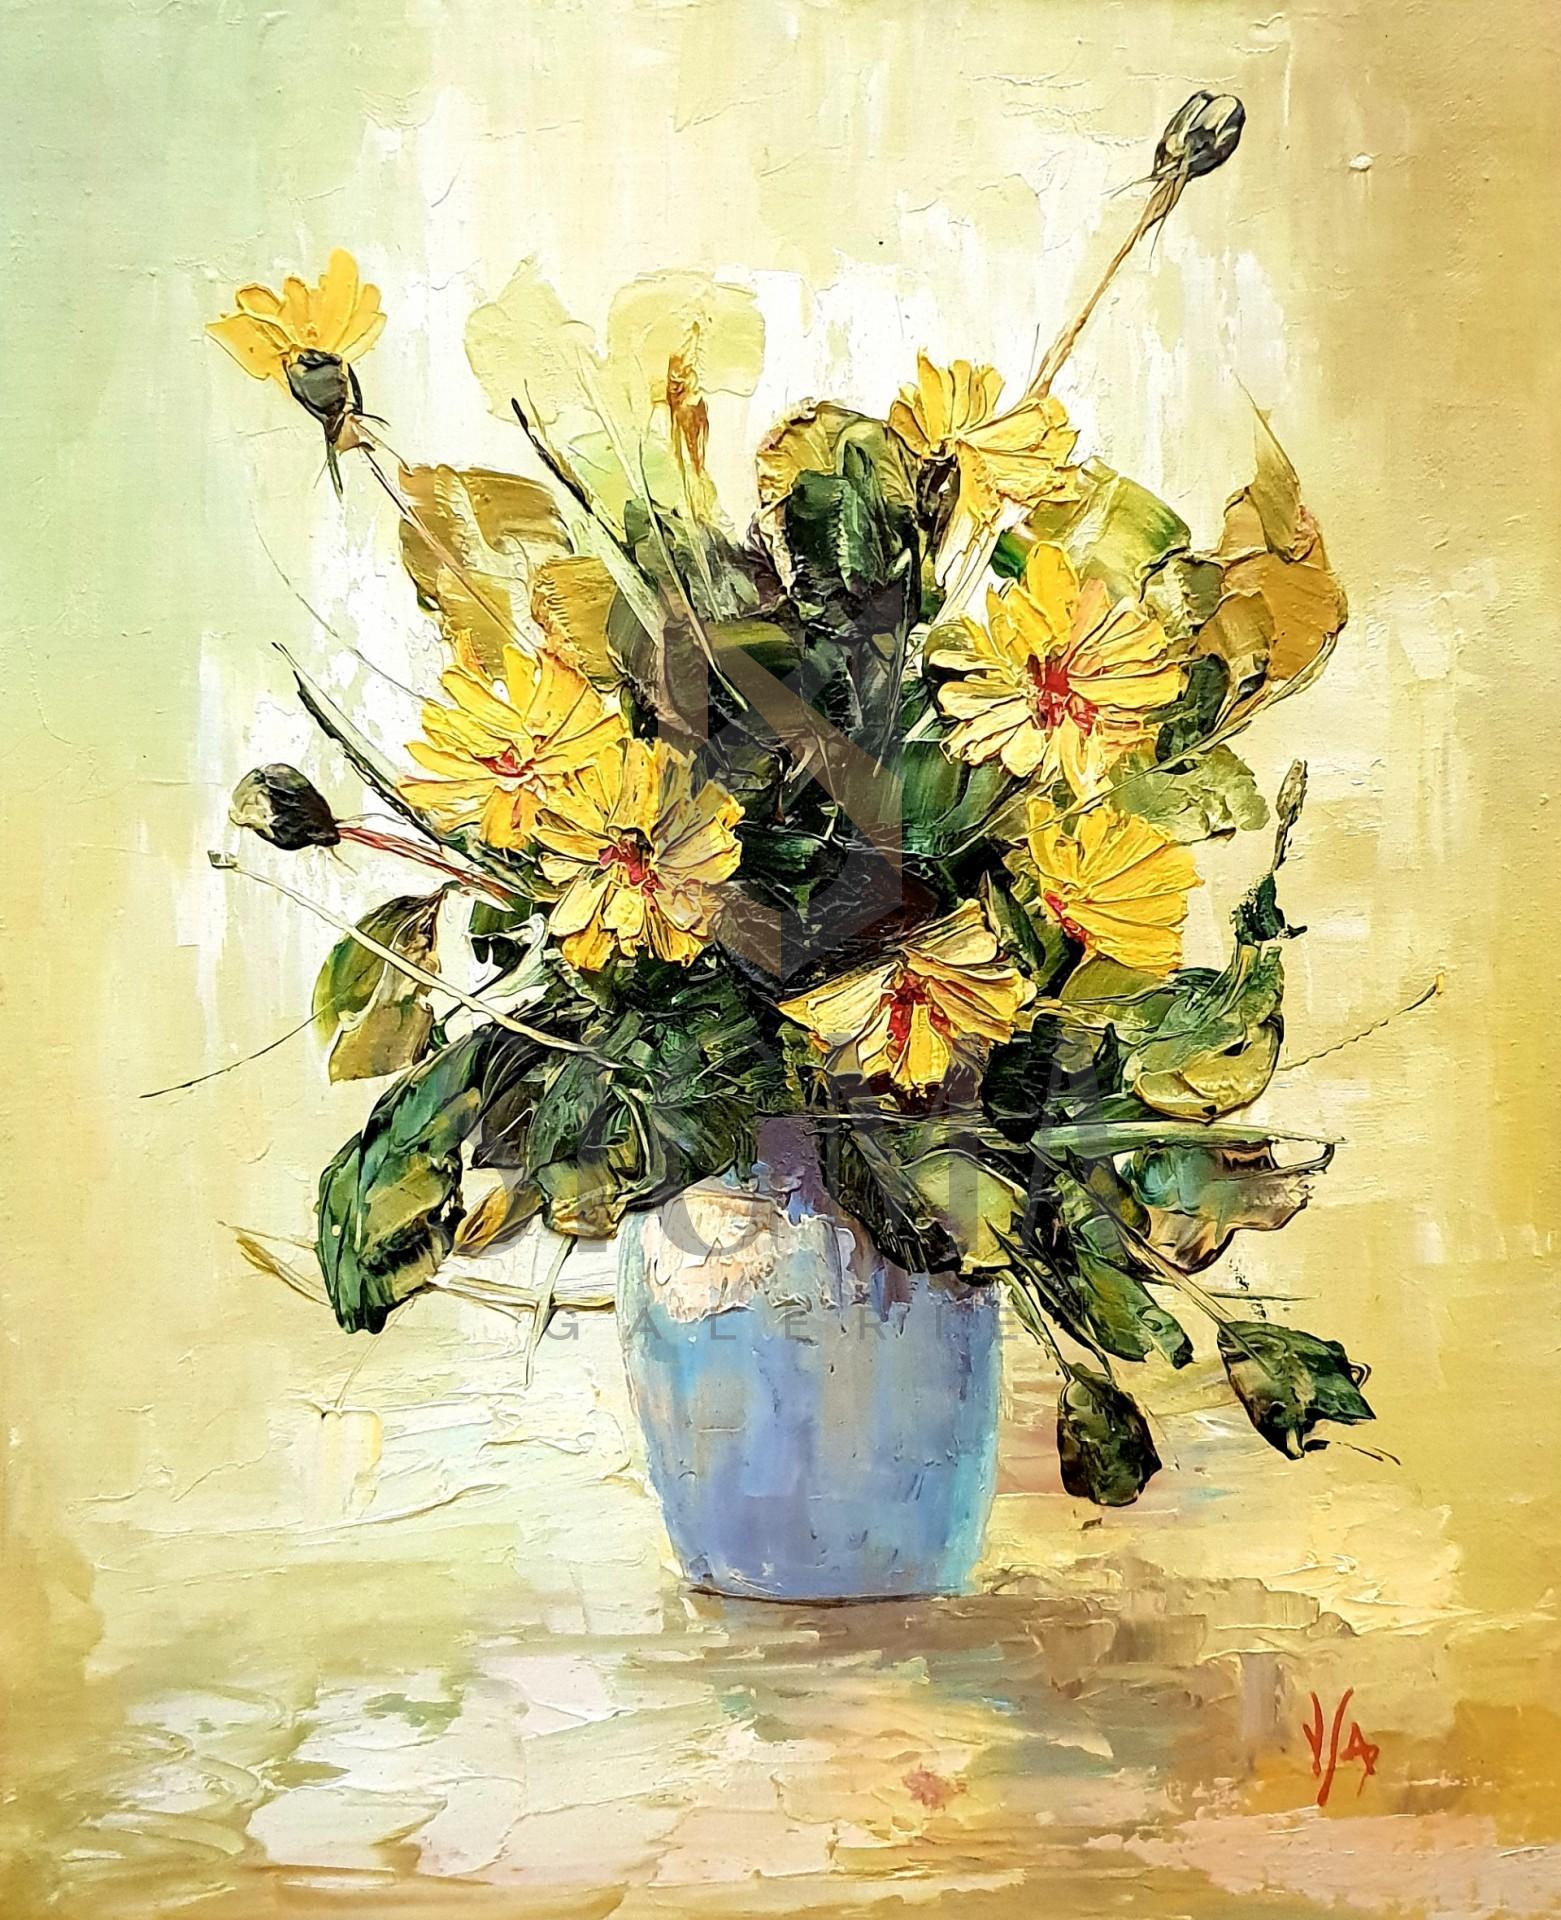 Tablou, - Flori - ulei pe carton,  36 x 29 cm, semnate in monograma V/A